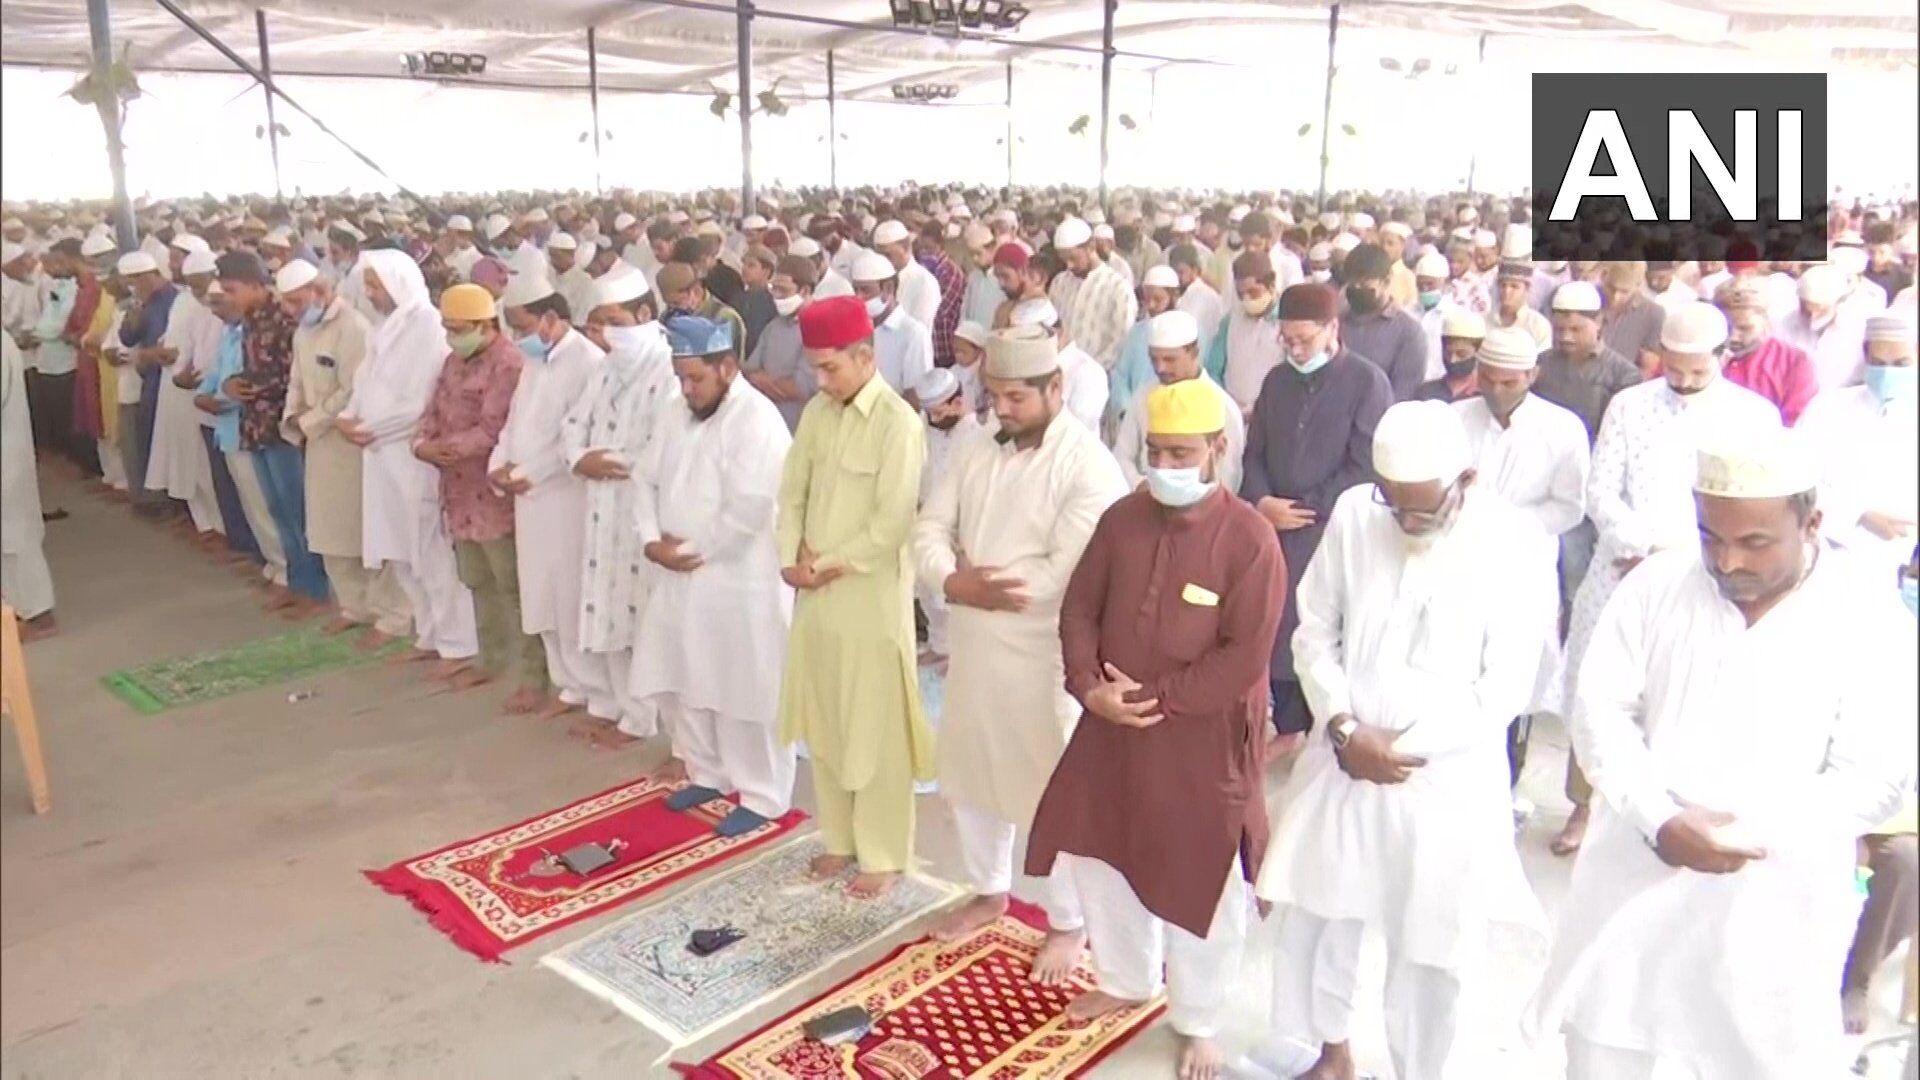 रमजान माह के आखिरी जुमे की नमाज पर जुटी भीड़ , कोरोना  से कोई डर नहीं